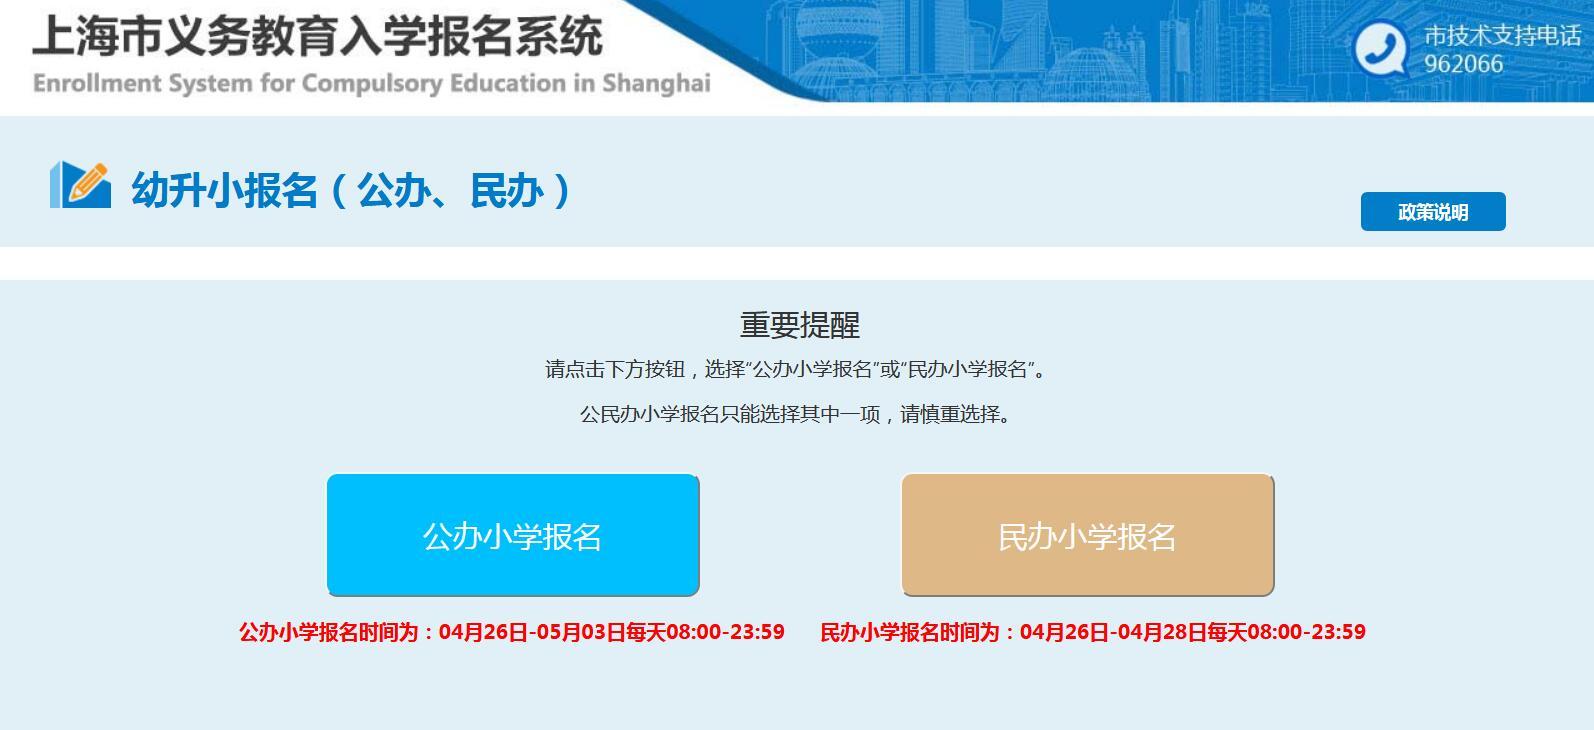 上海公办民办小学报名启动 报名入口一览